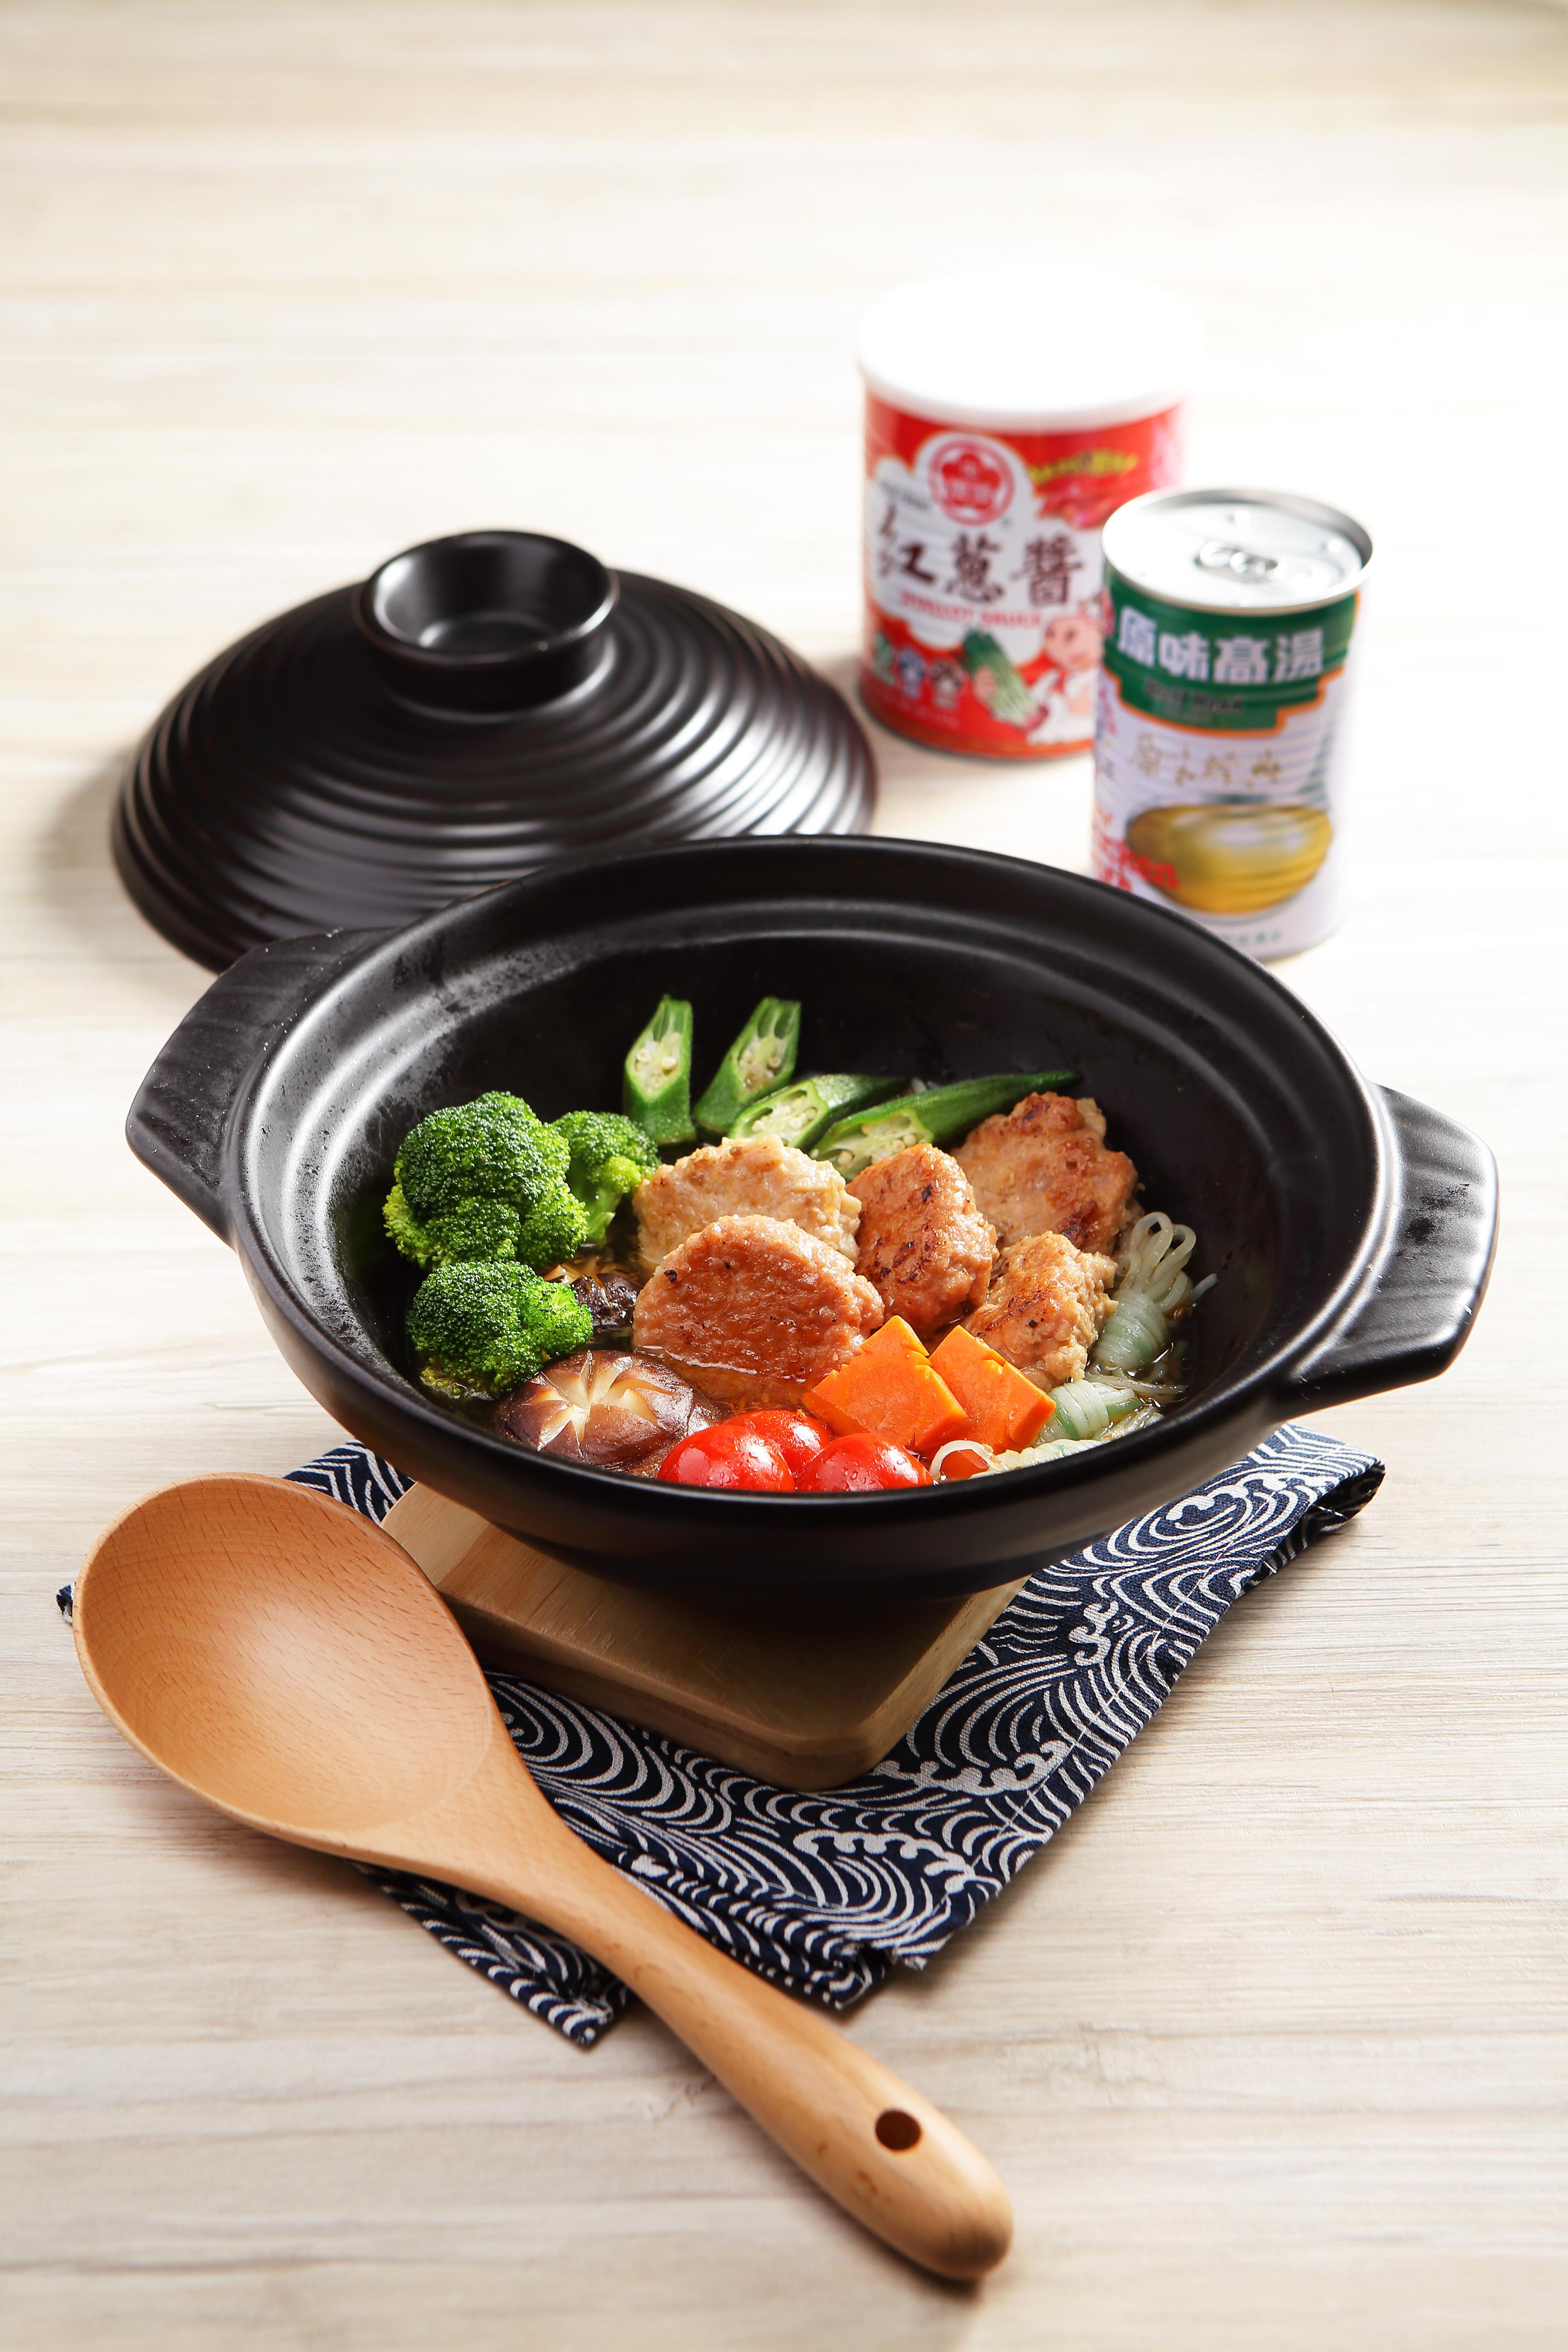 陶鍋健康植物肉